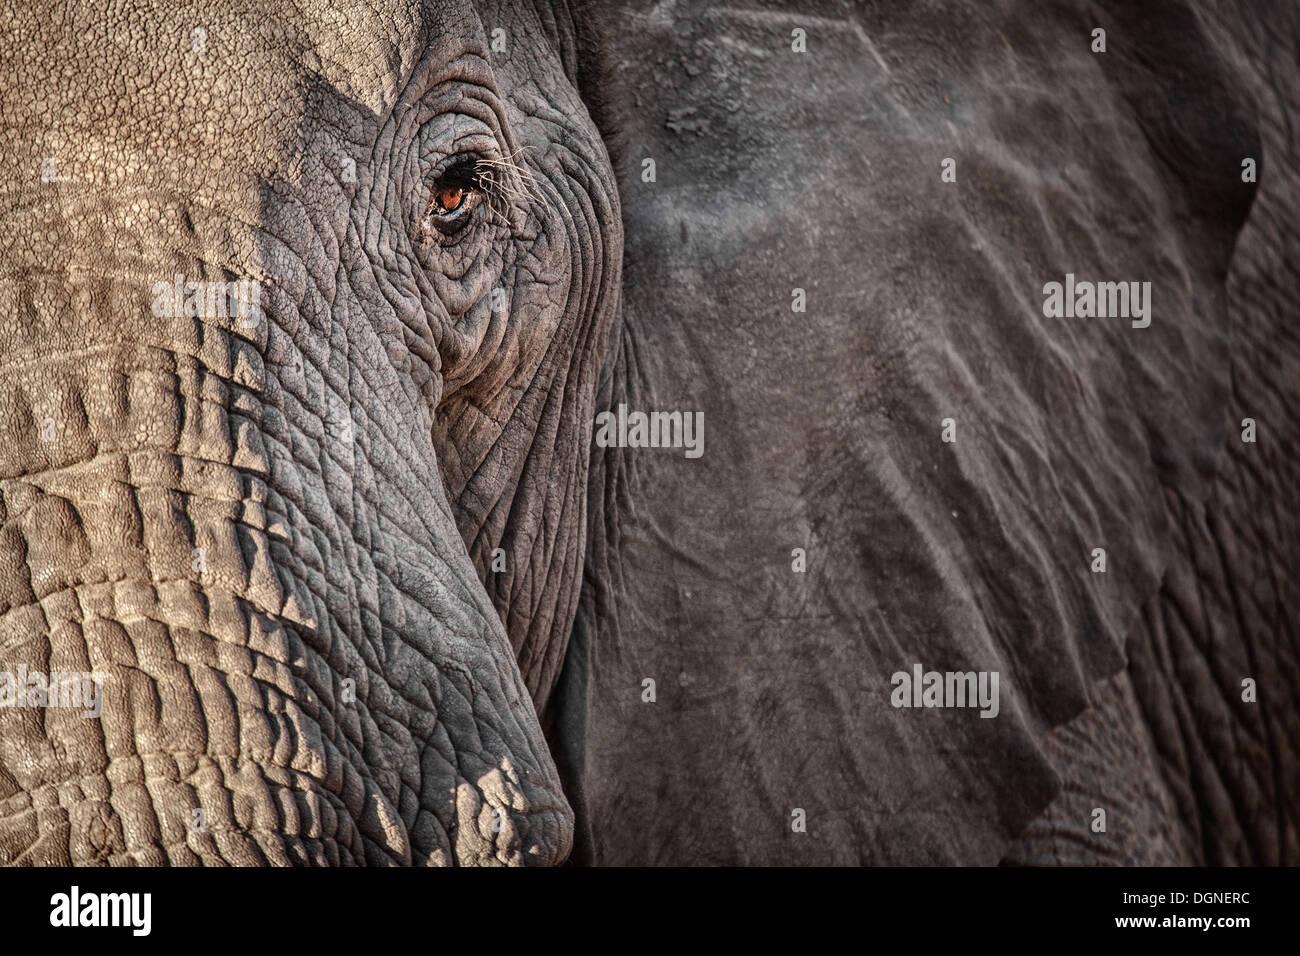 An Elephants Eye - Stock Image